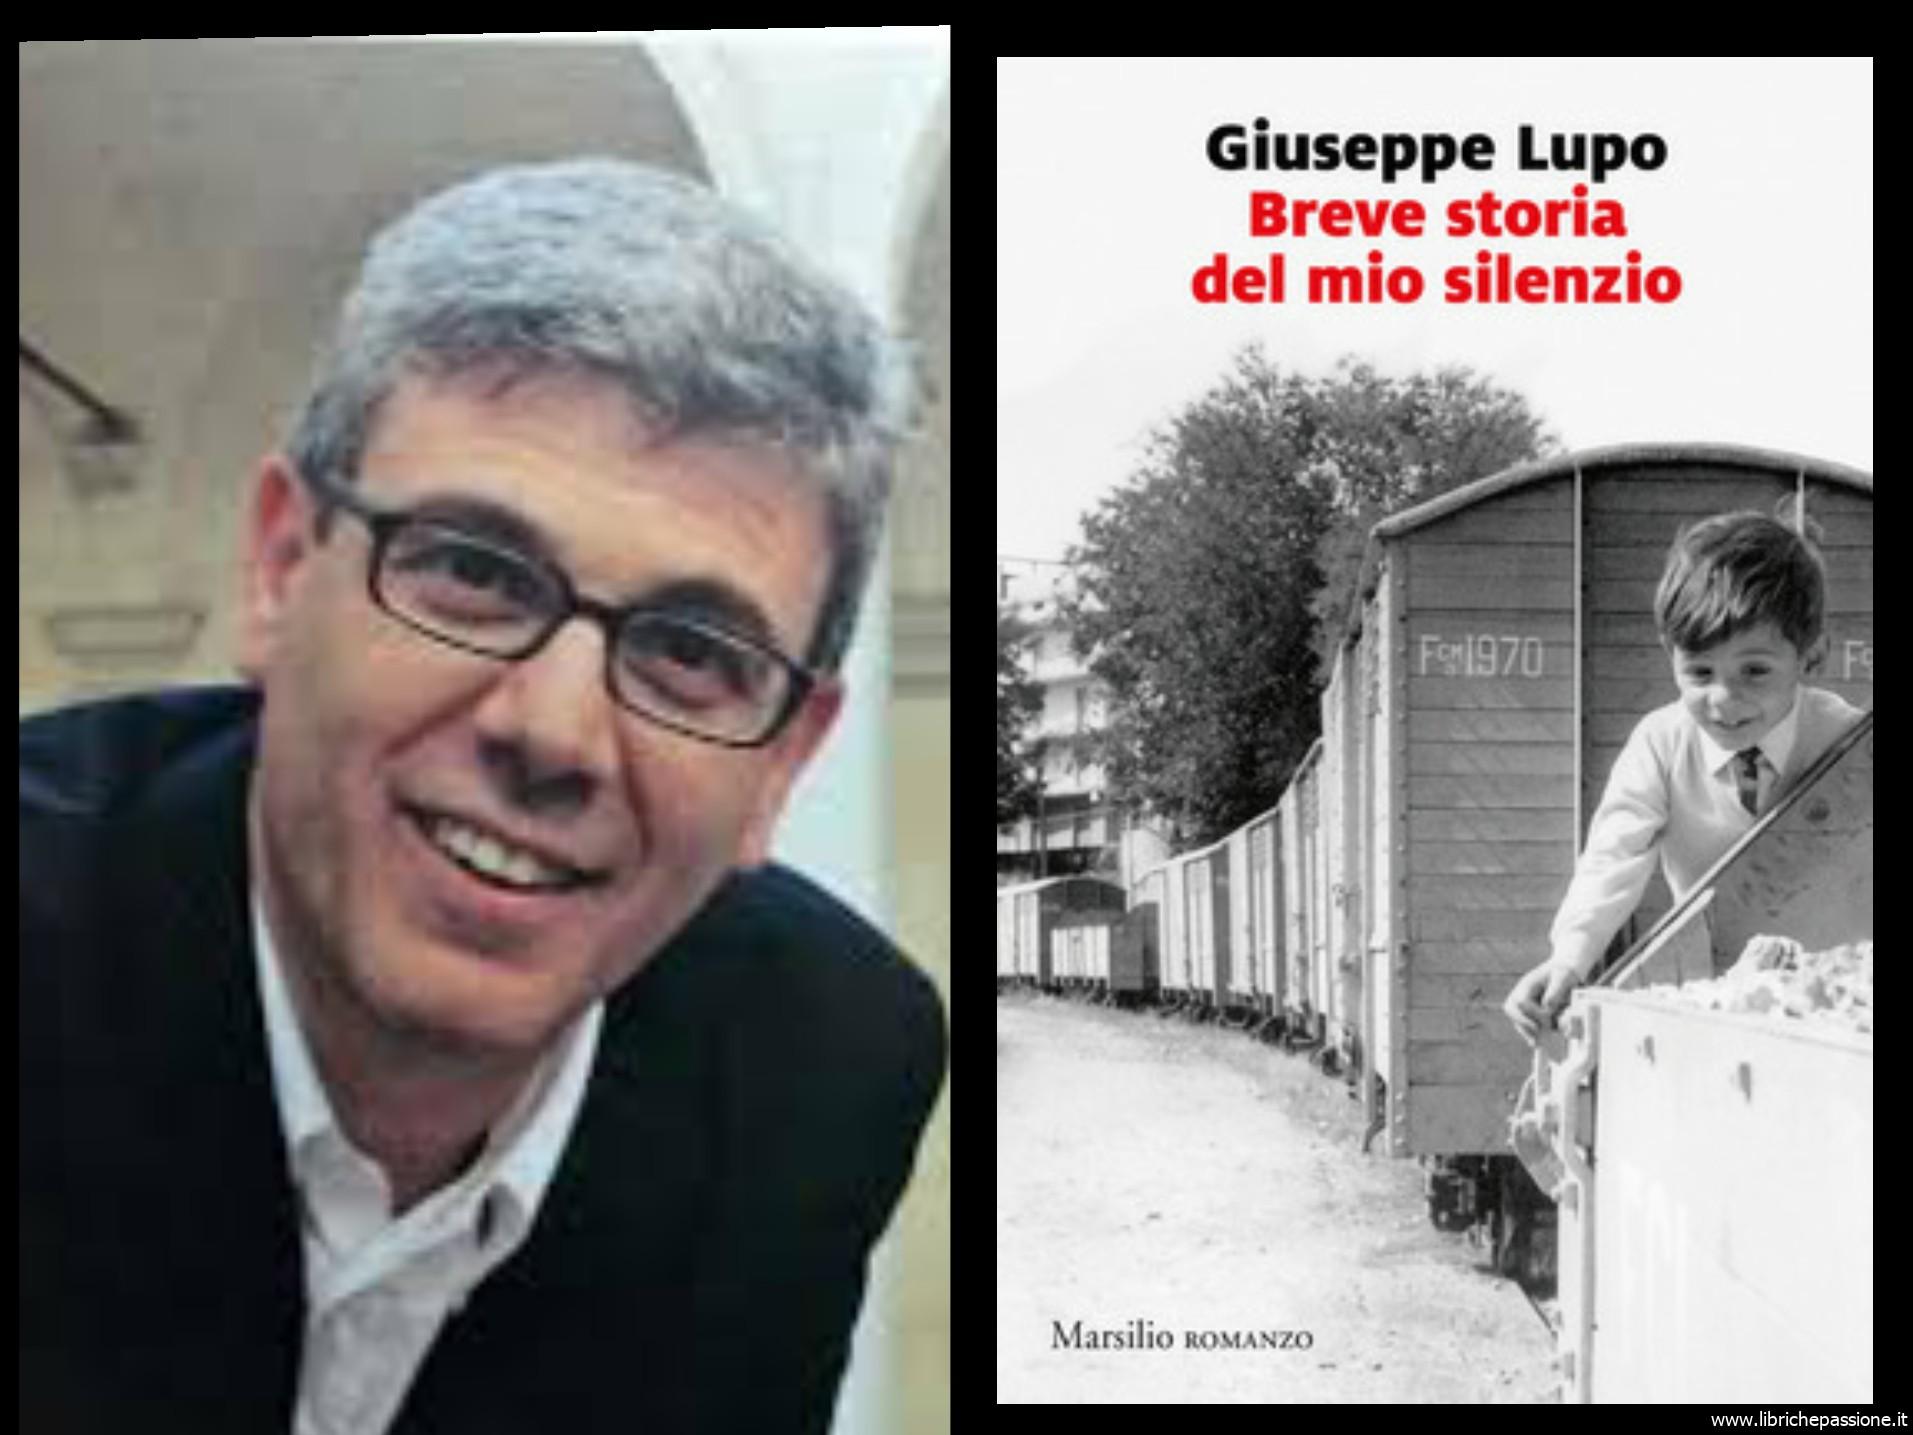 """""""Ve lo legge lo scrittore"""" stasera ospite del Blog c'è Giuseppe Lupo autore del romanzo """"breve storia del mio silenzio"""" edito da Marsilio, finalista al Premio Strega 2020"""